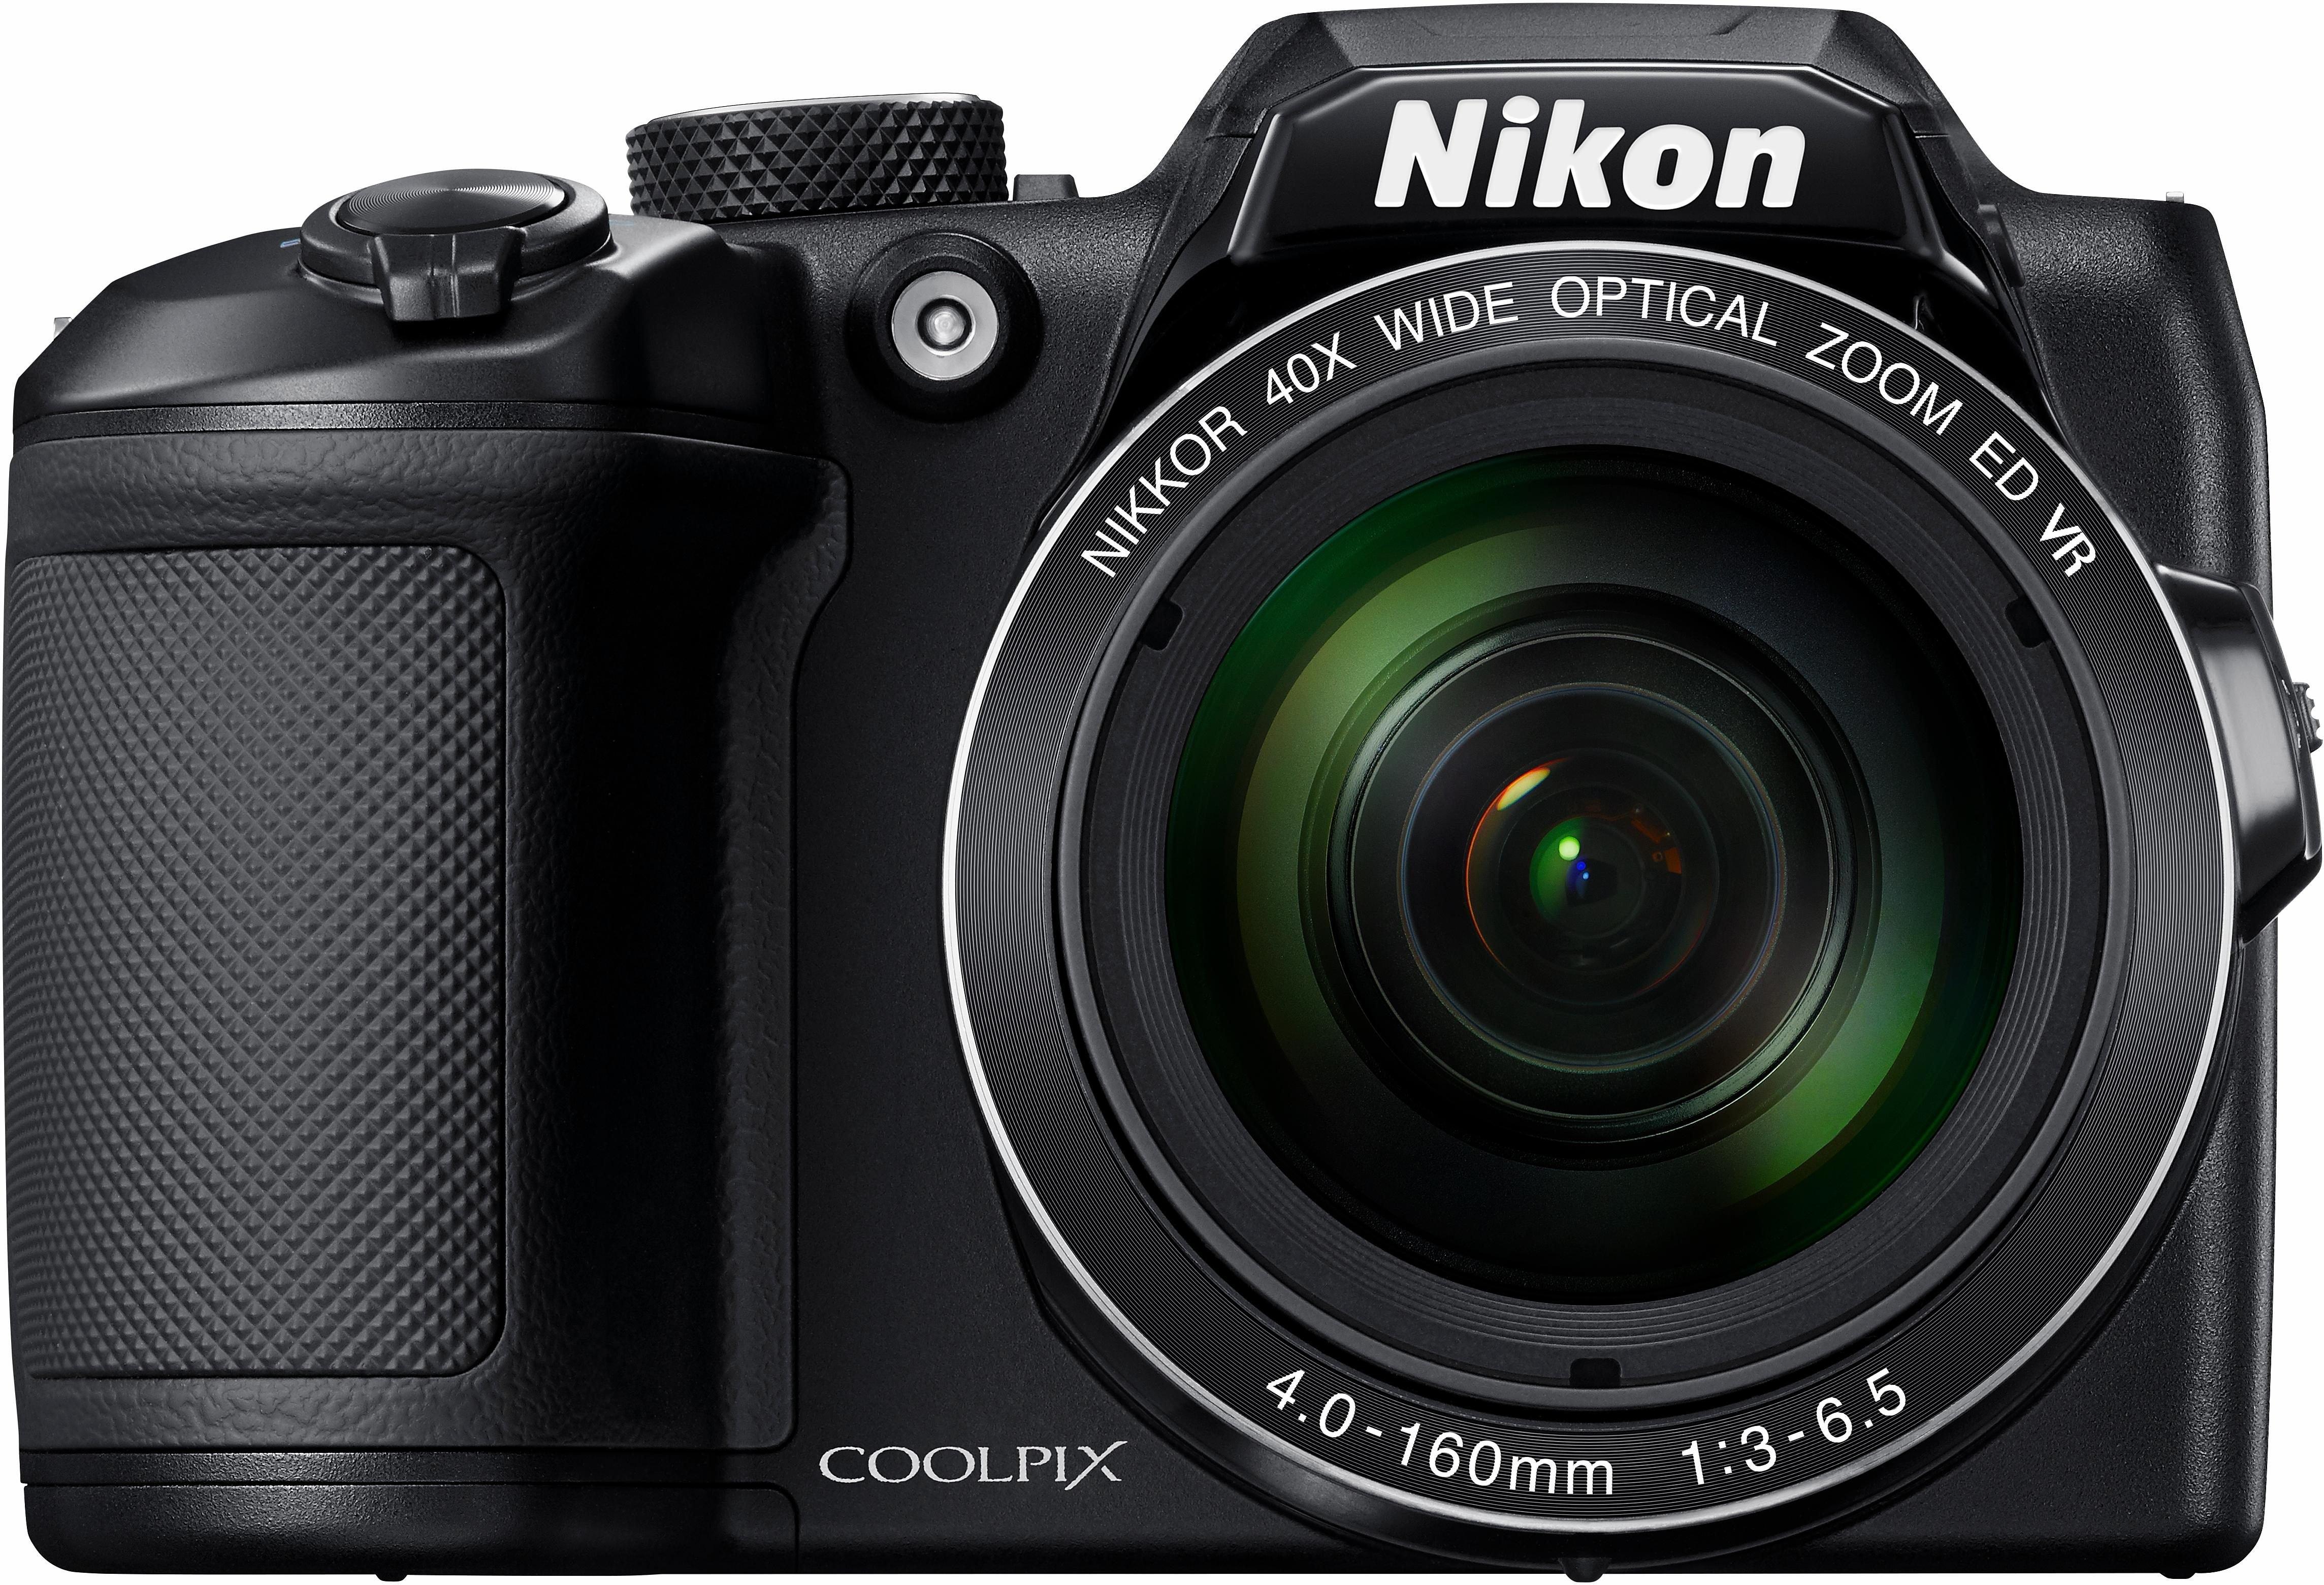 Nikon Coolpix B500 compactcamera, 16 megapixel, 40x optische zoom, 7,5 cm (3 inch) display bij OTTO online kopen